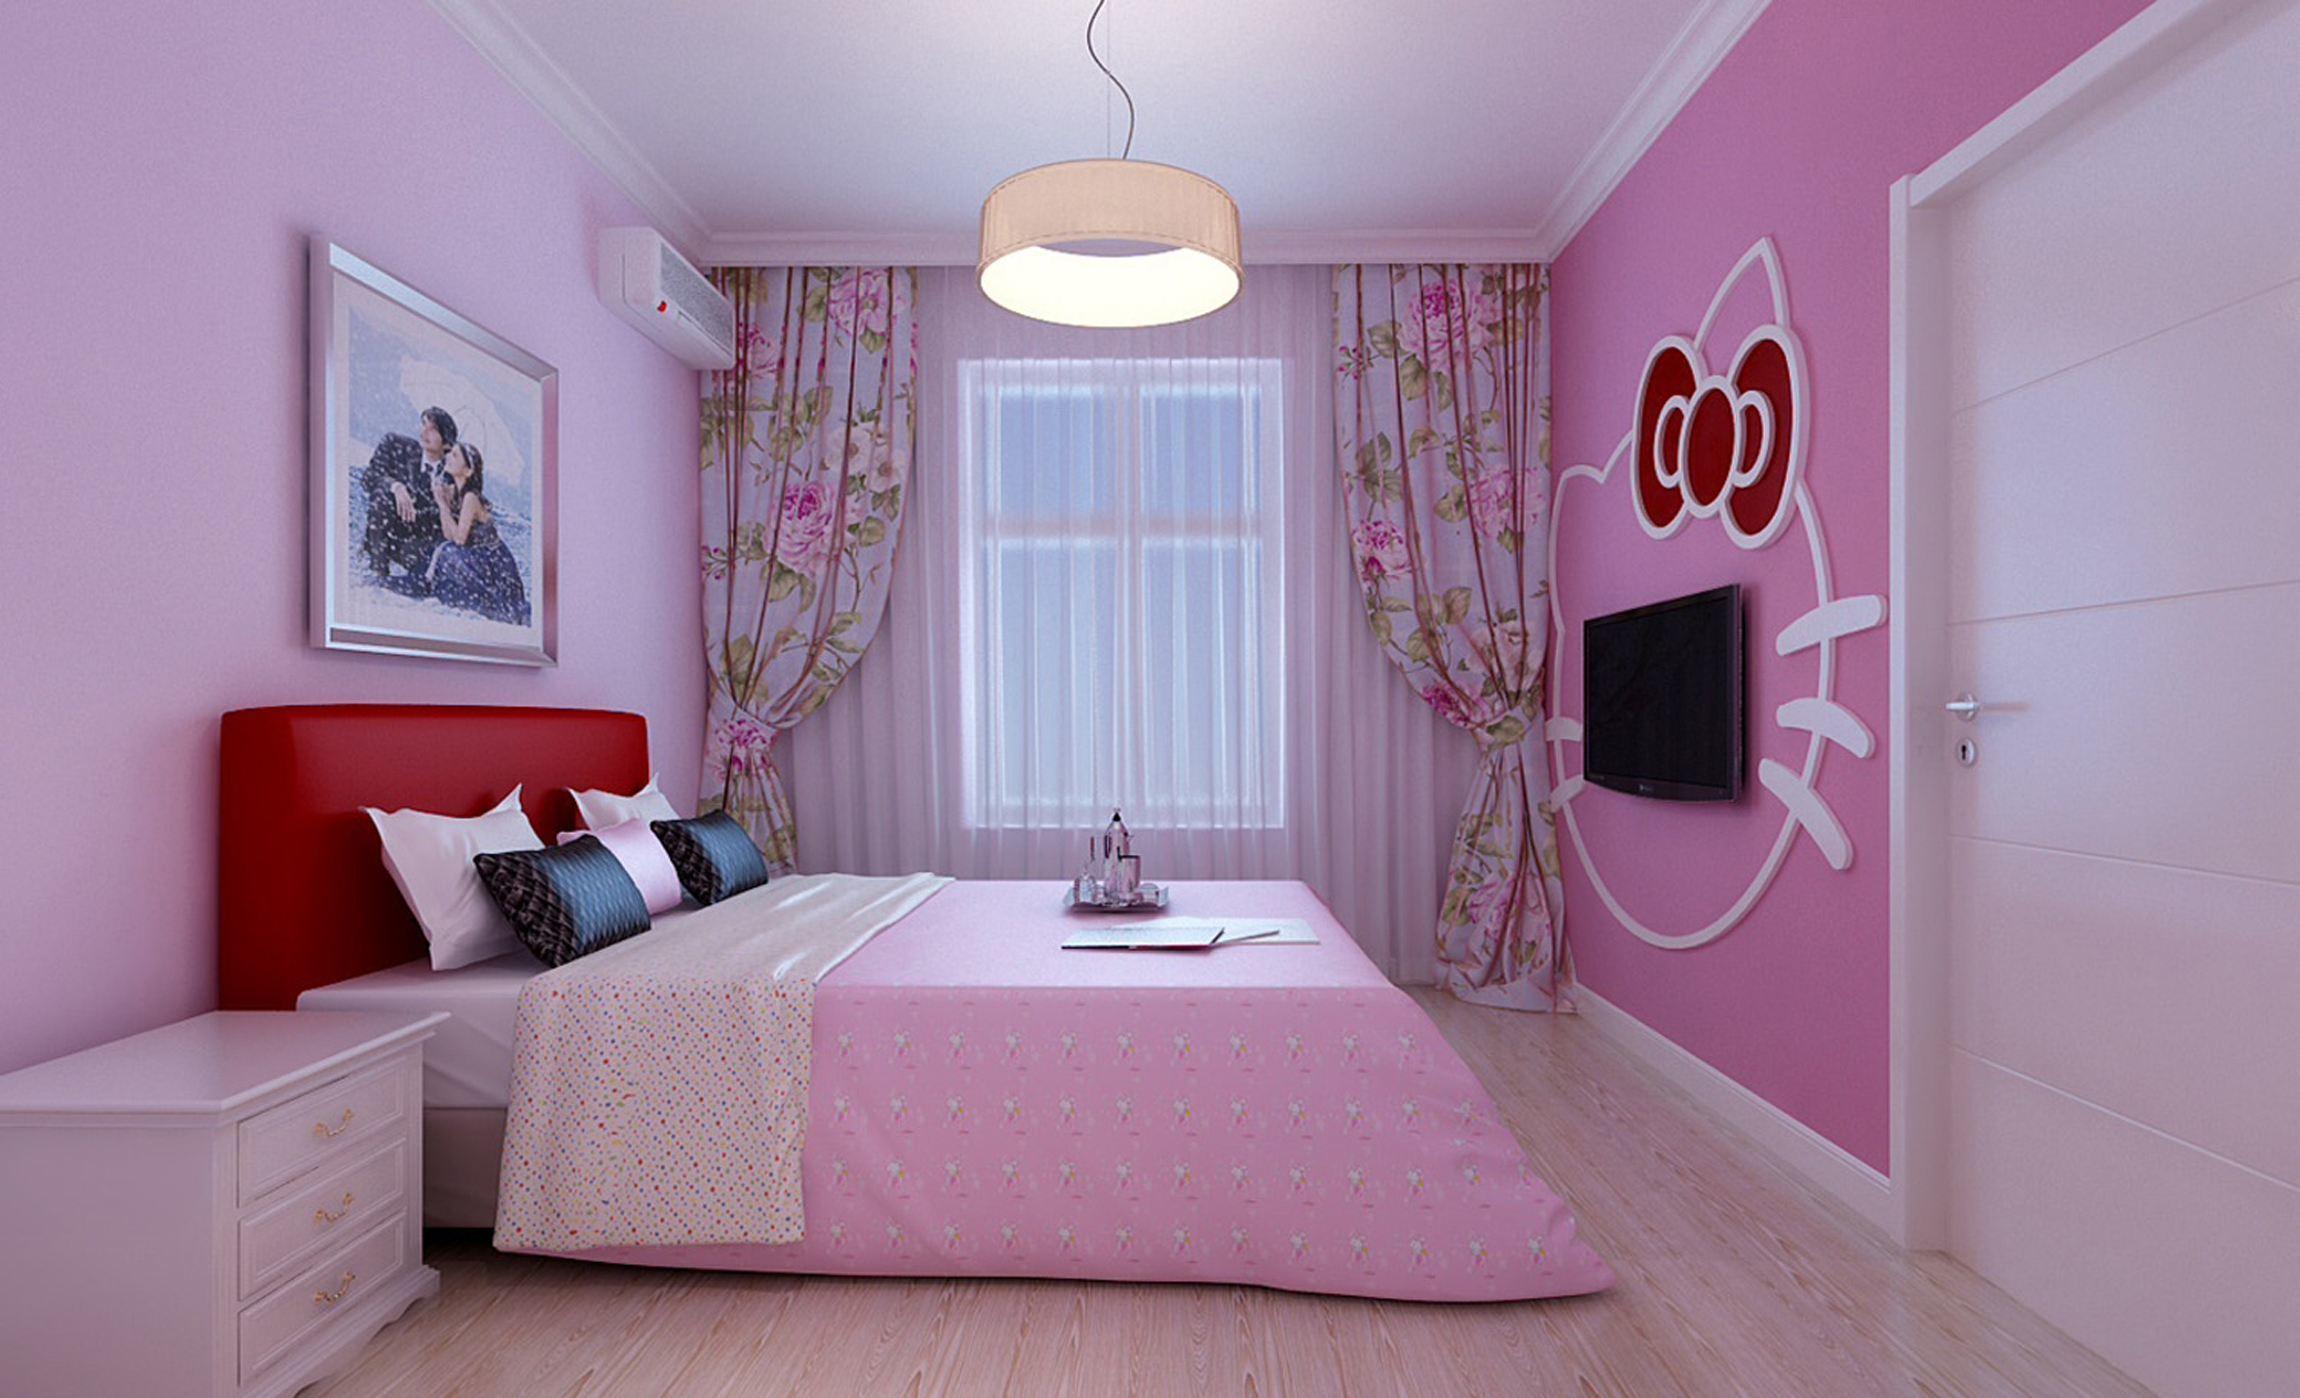 10平米婚房卧室装修效果图大全